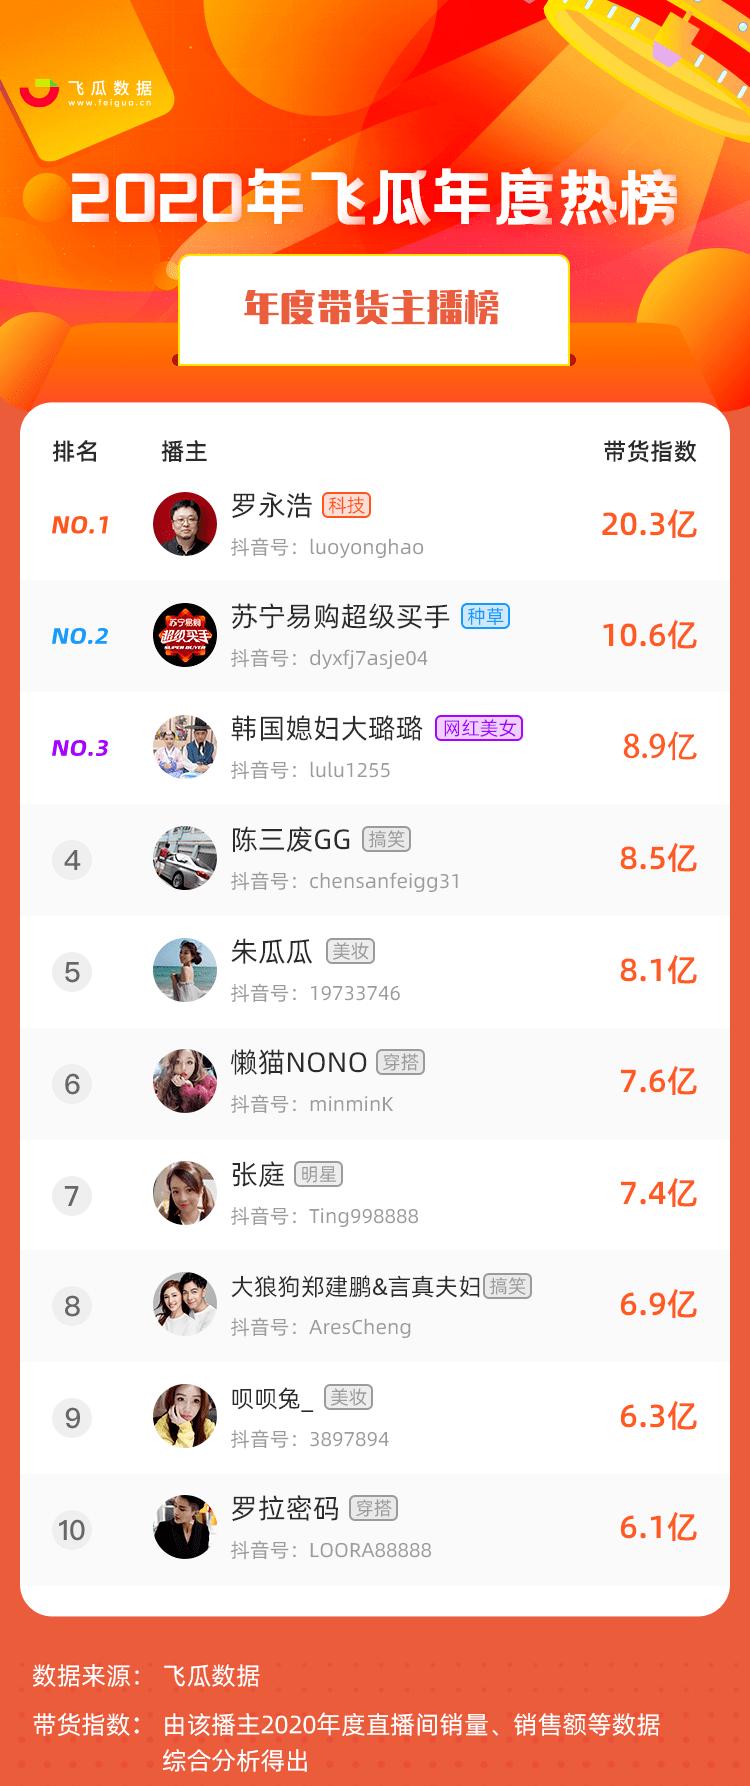 """月第2周小红书、抖音、B站、淘宝KOL排行榜"""""""